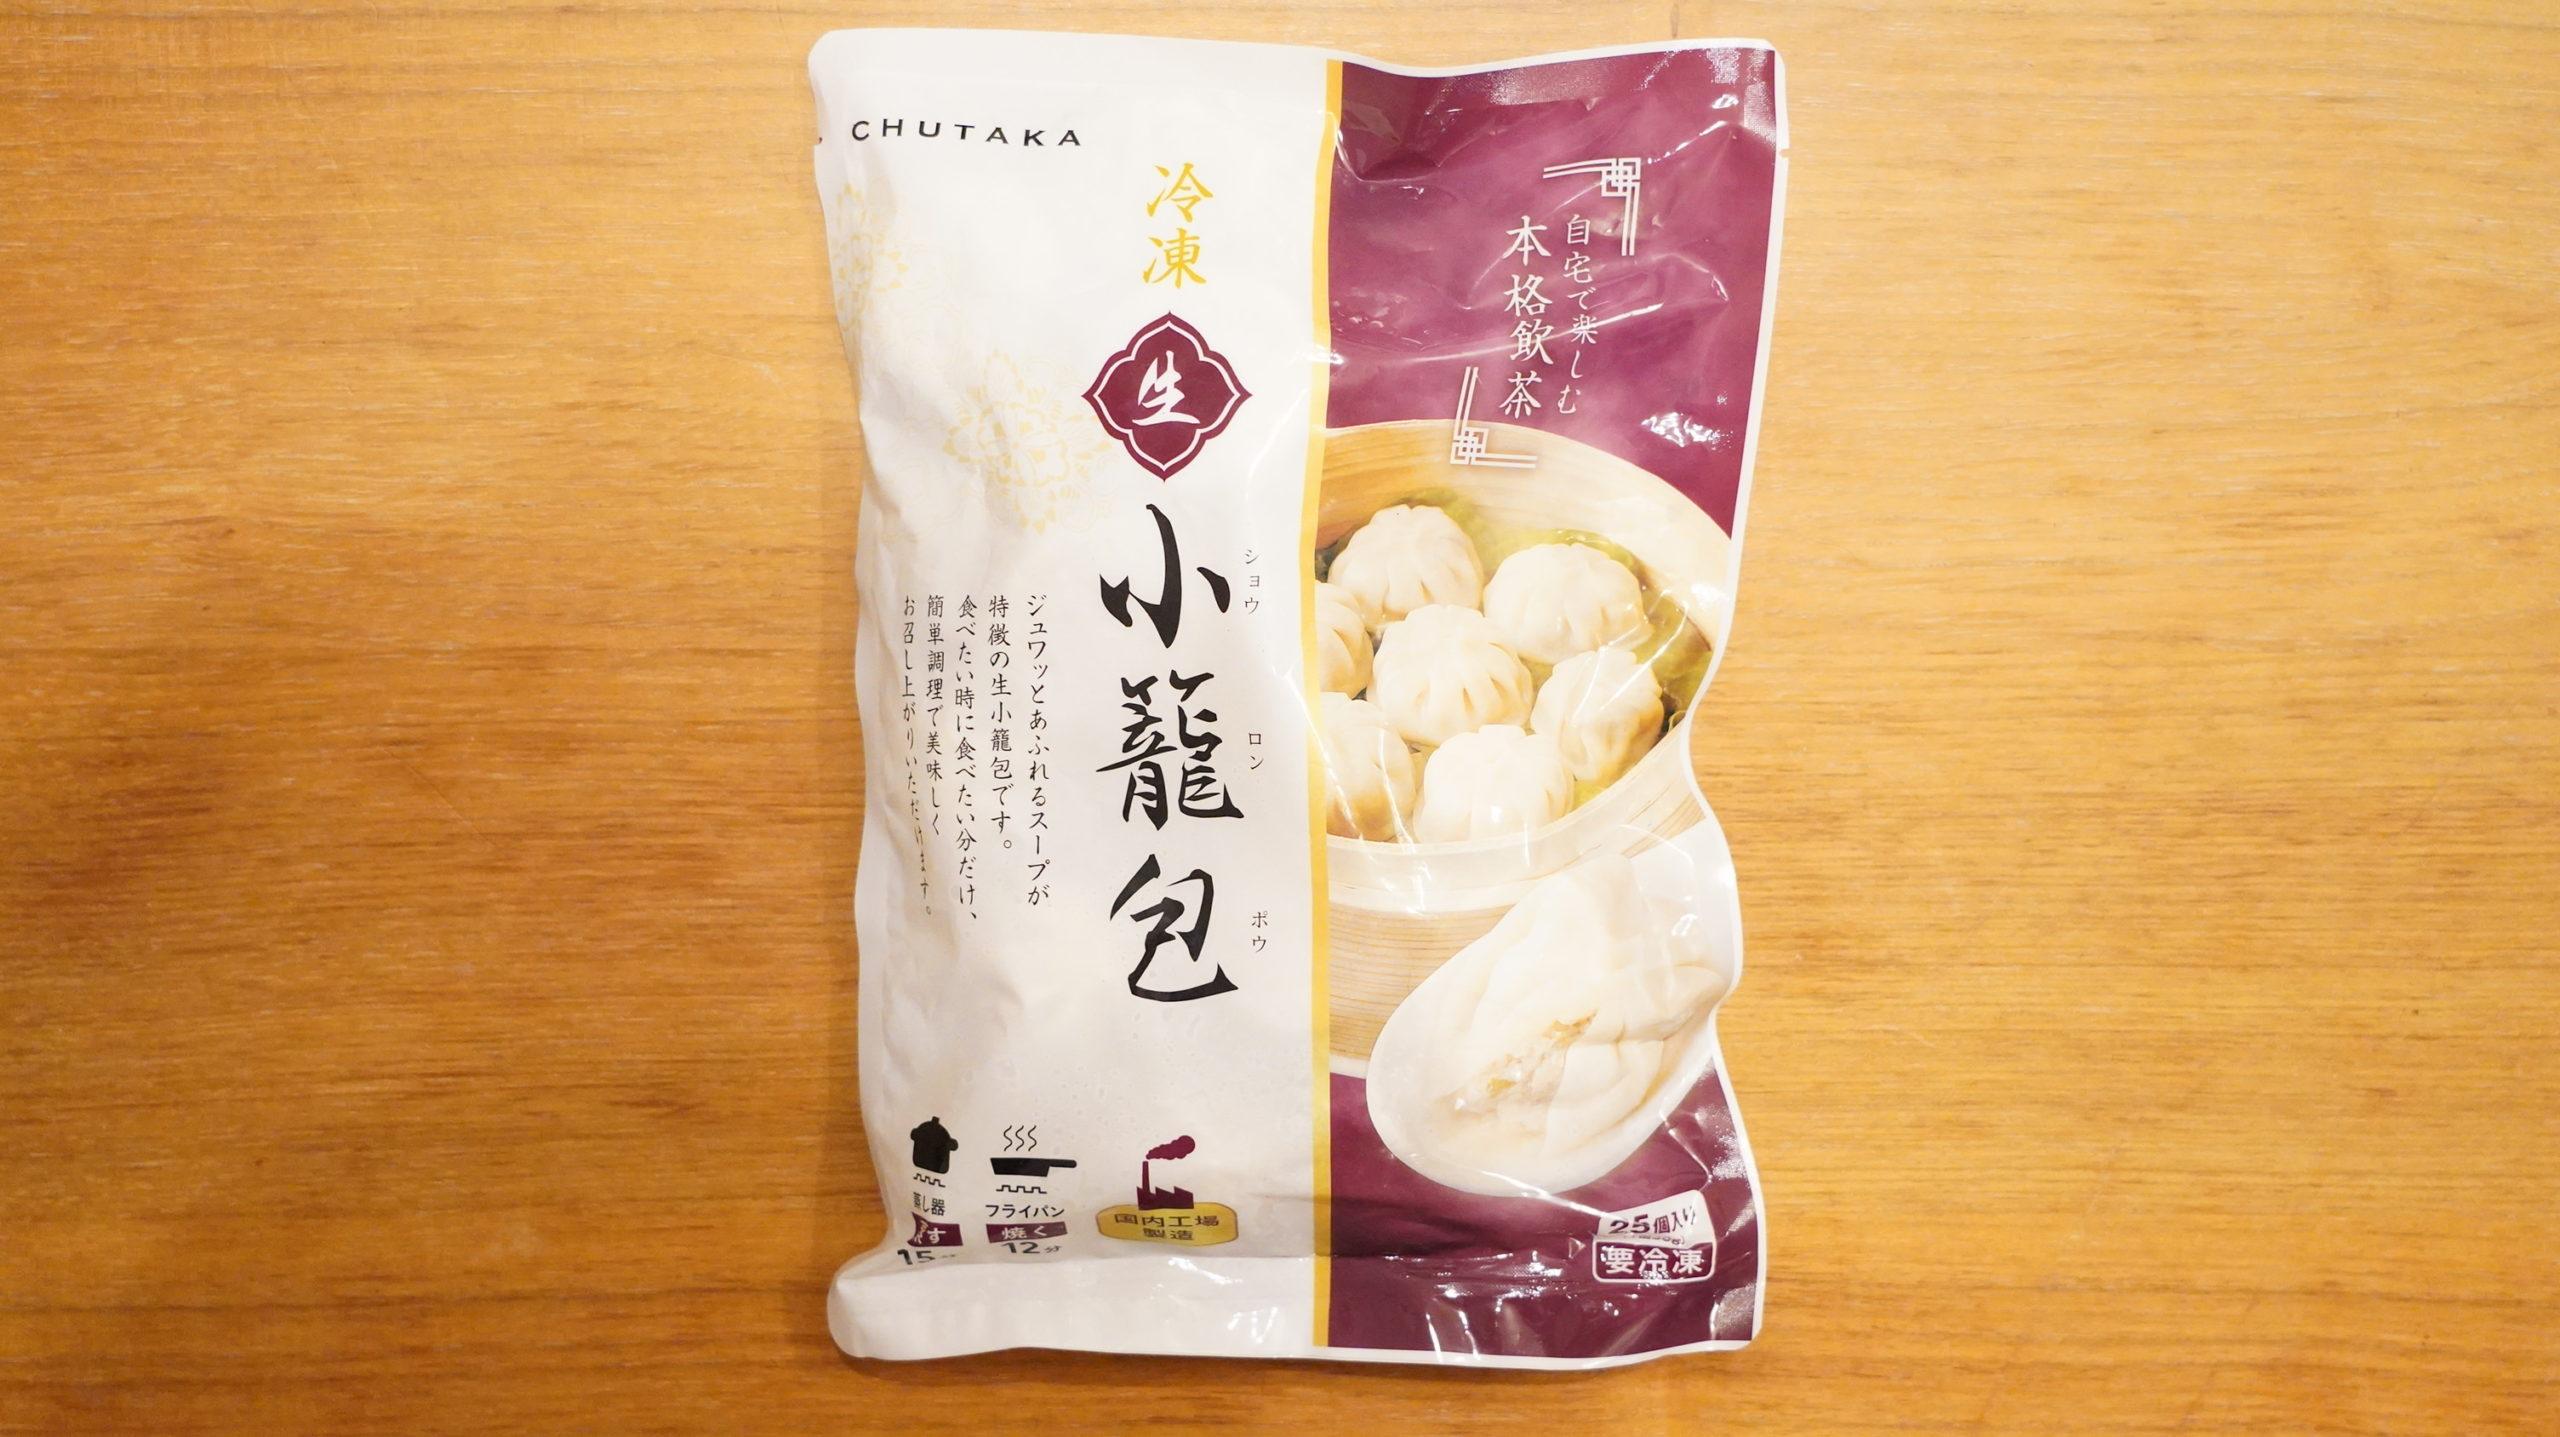 コストコの冷凍食品「冷凍・生・小籠包」のパッケージ写真